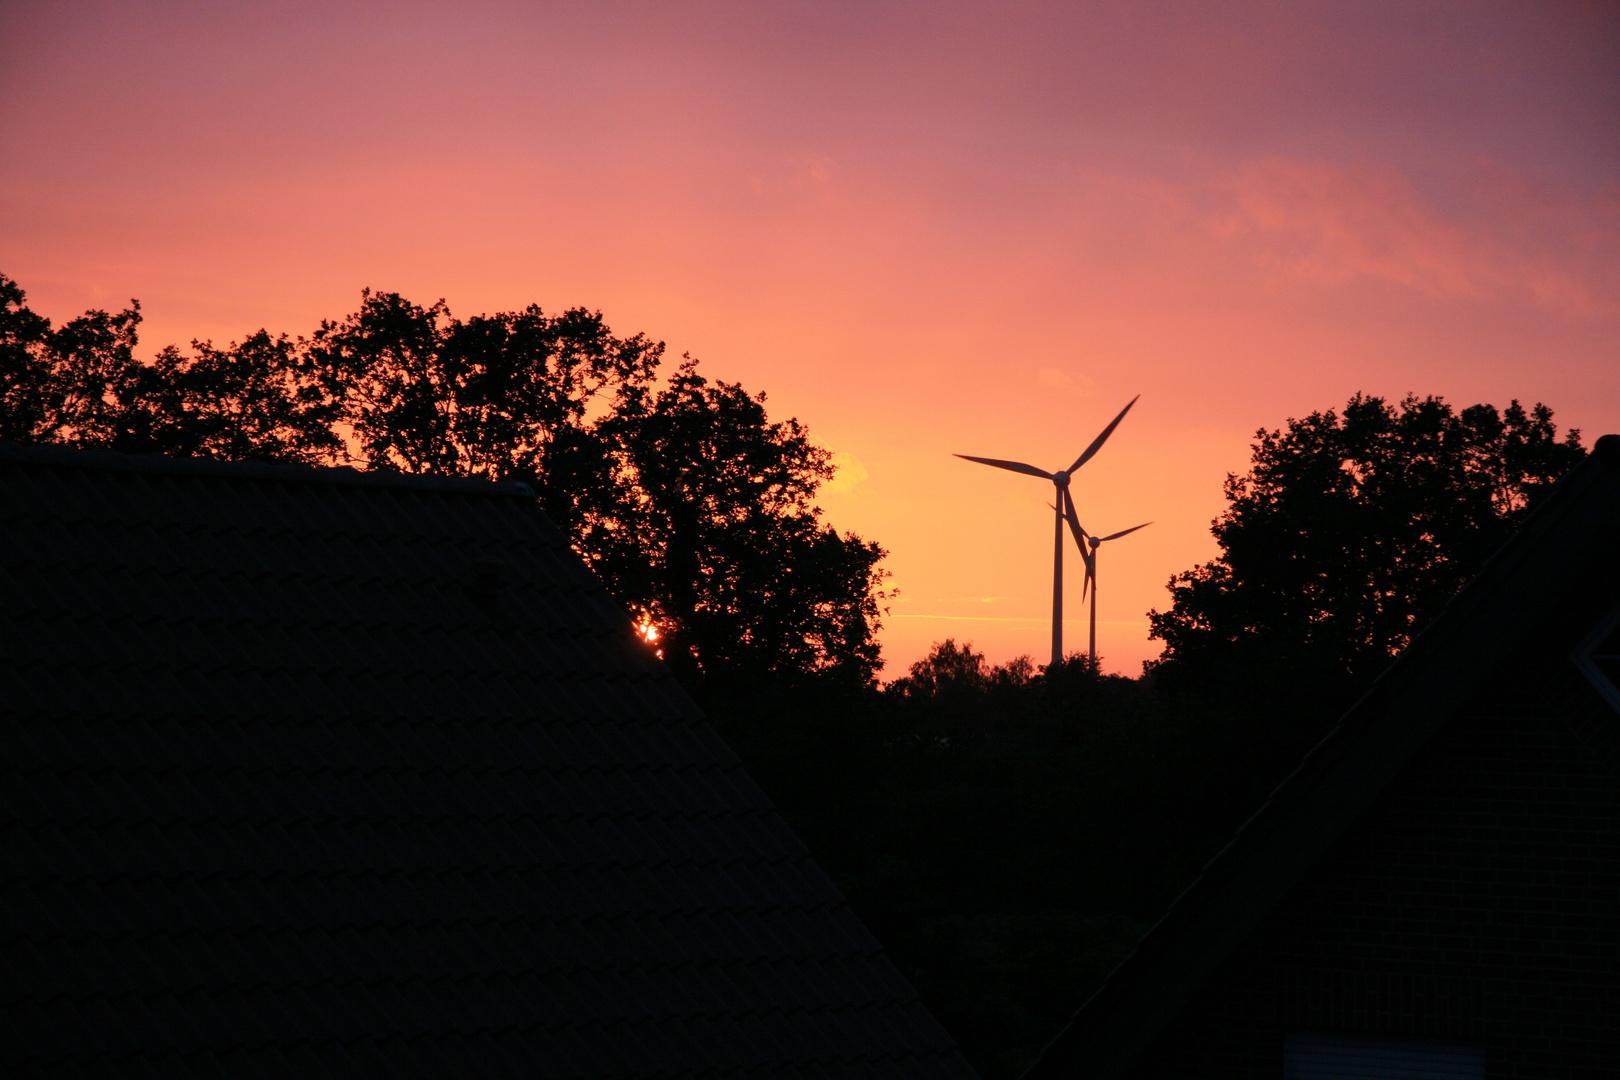 Sonnenuntergang im Wohngebiet